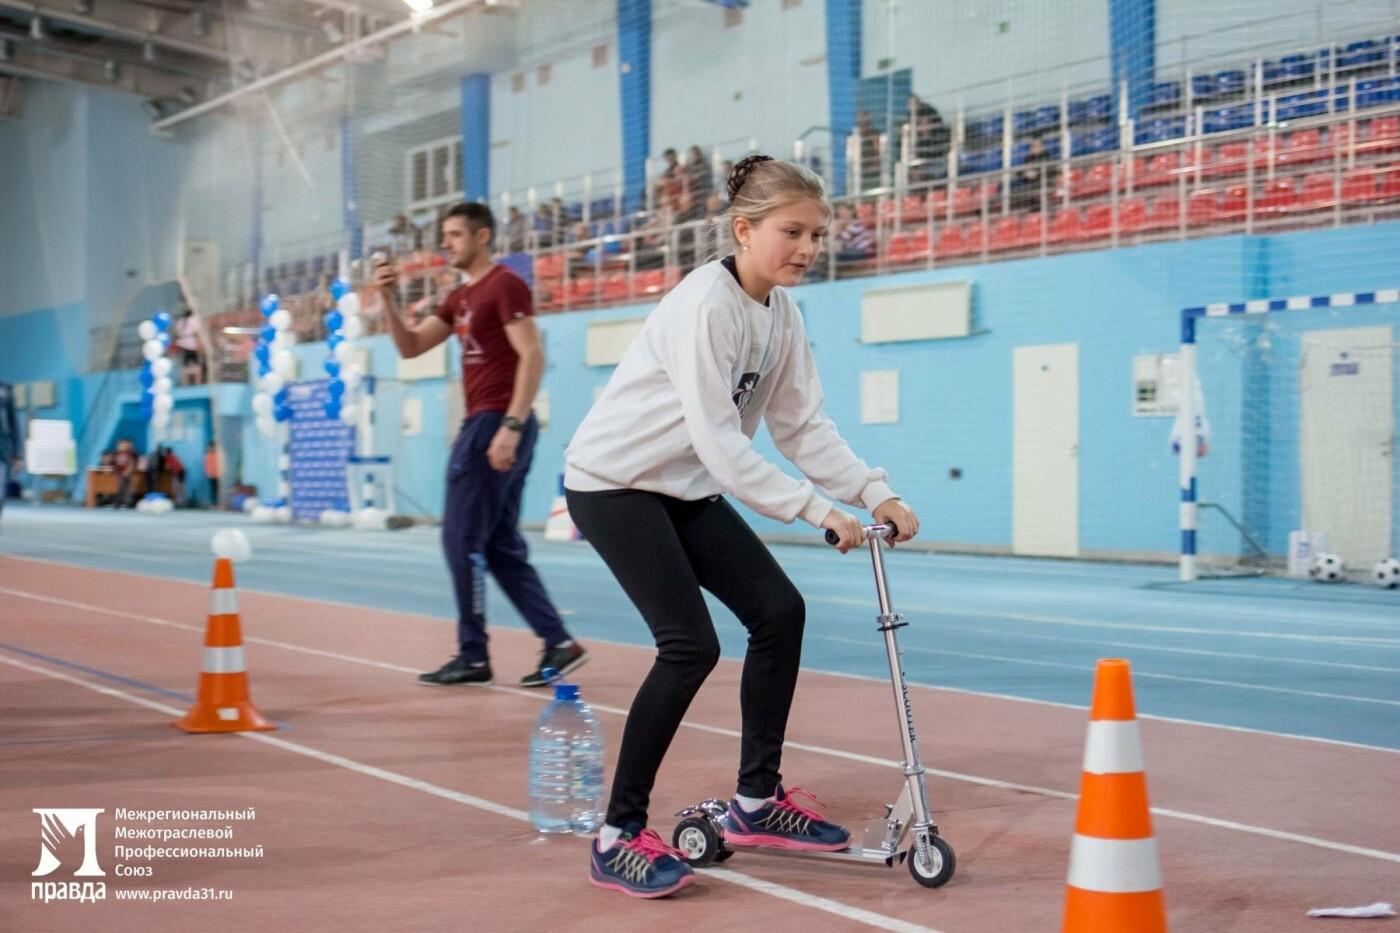 В Белгороде определили победителей спартакиады профсоюза «Правда», фото-20